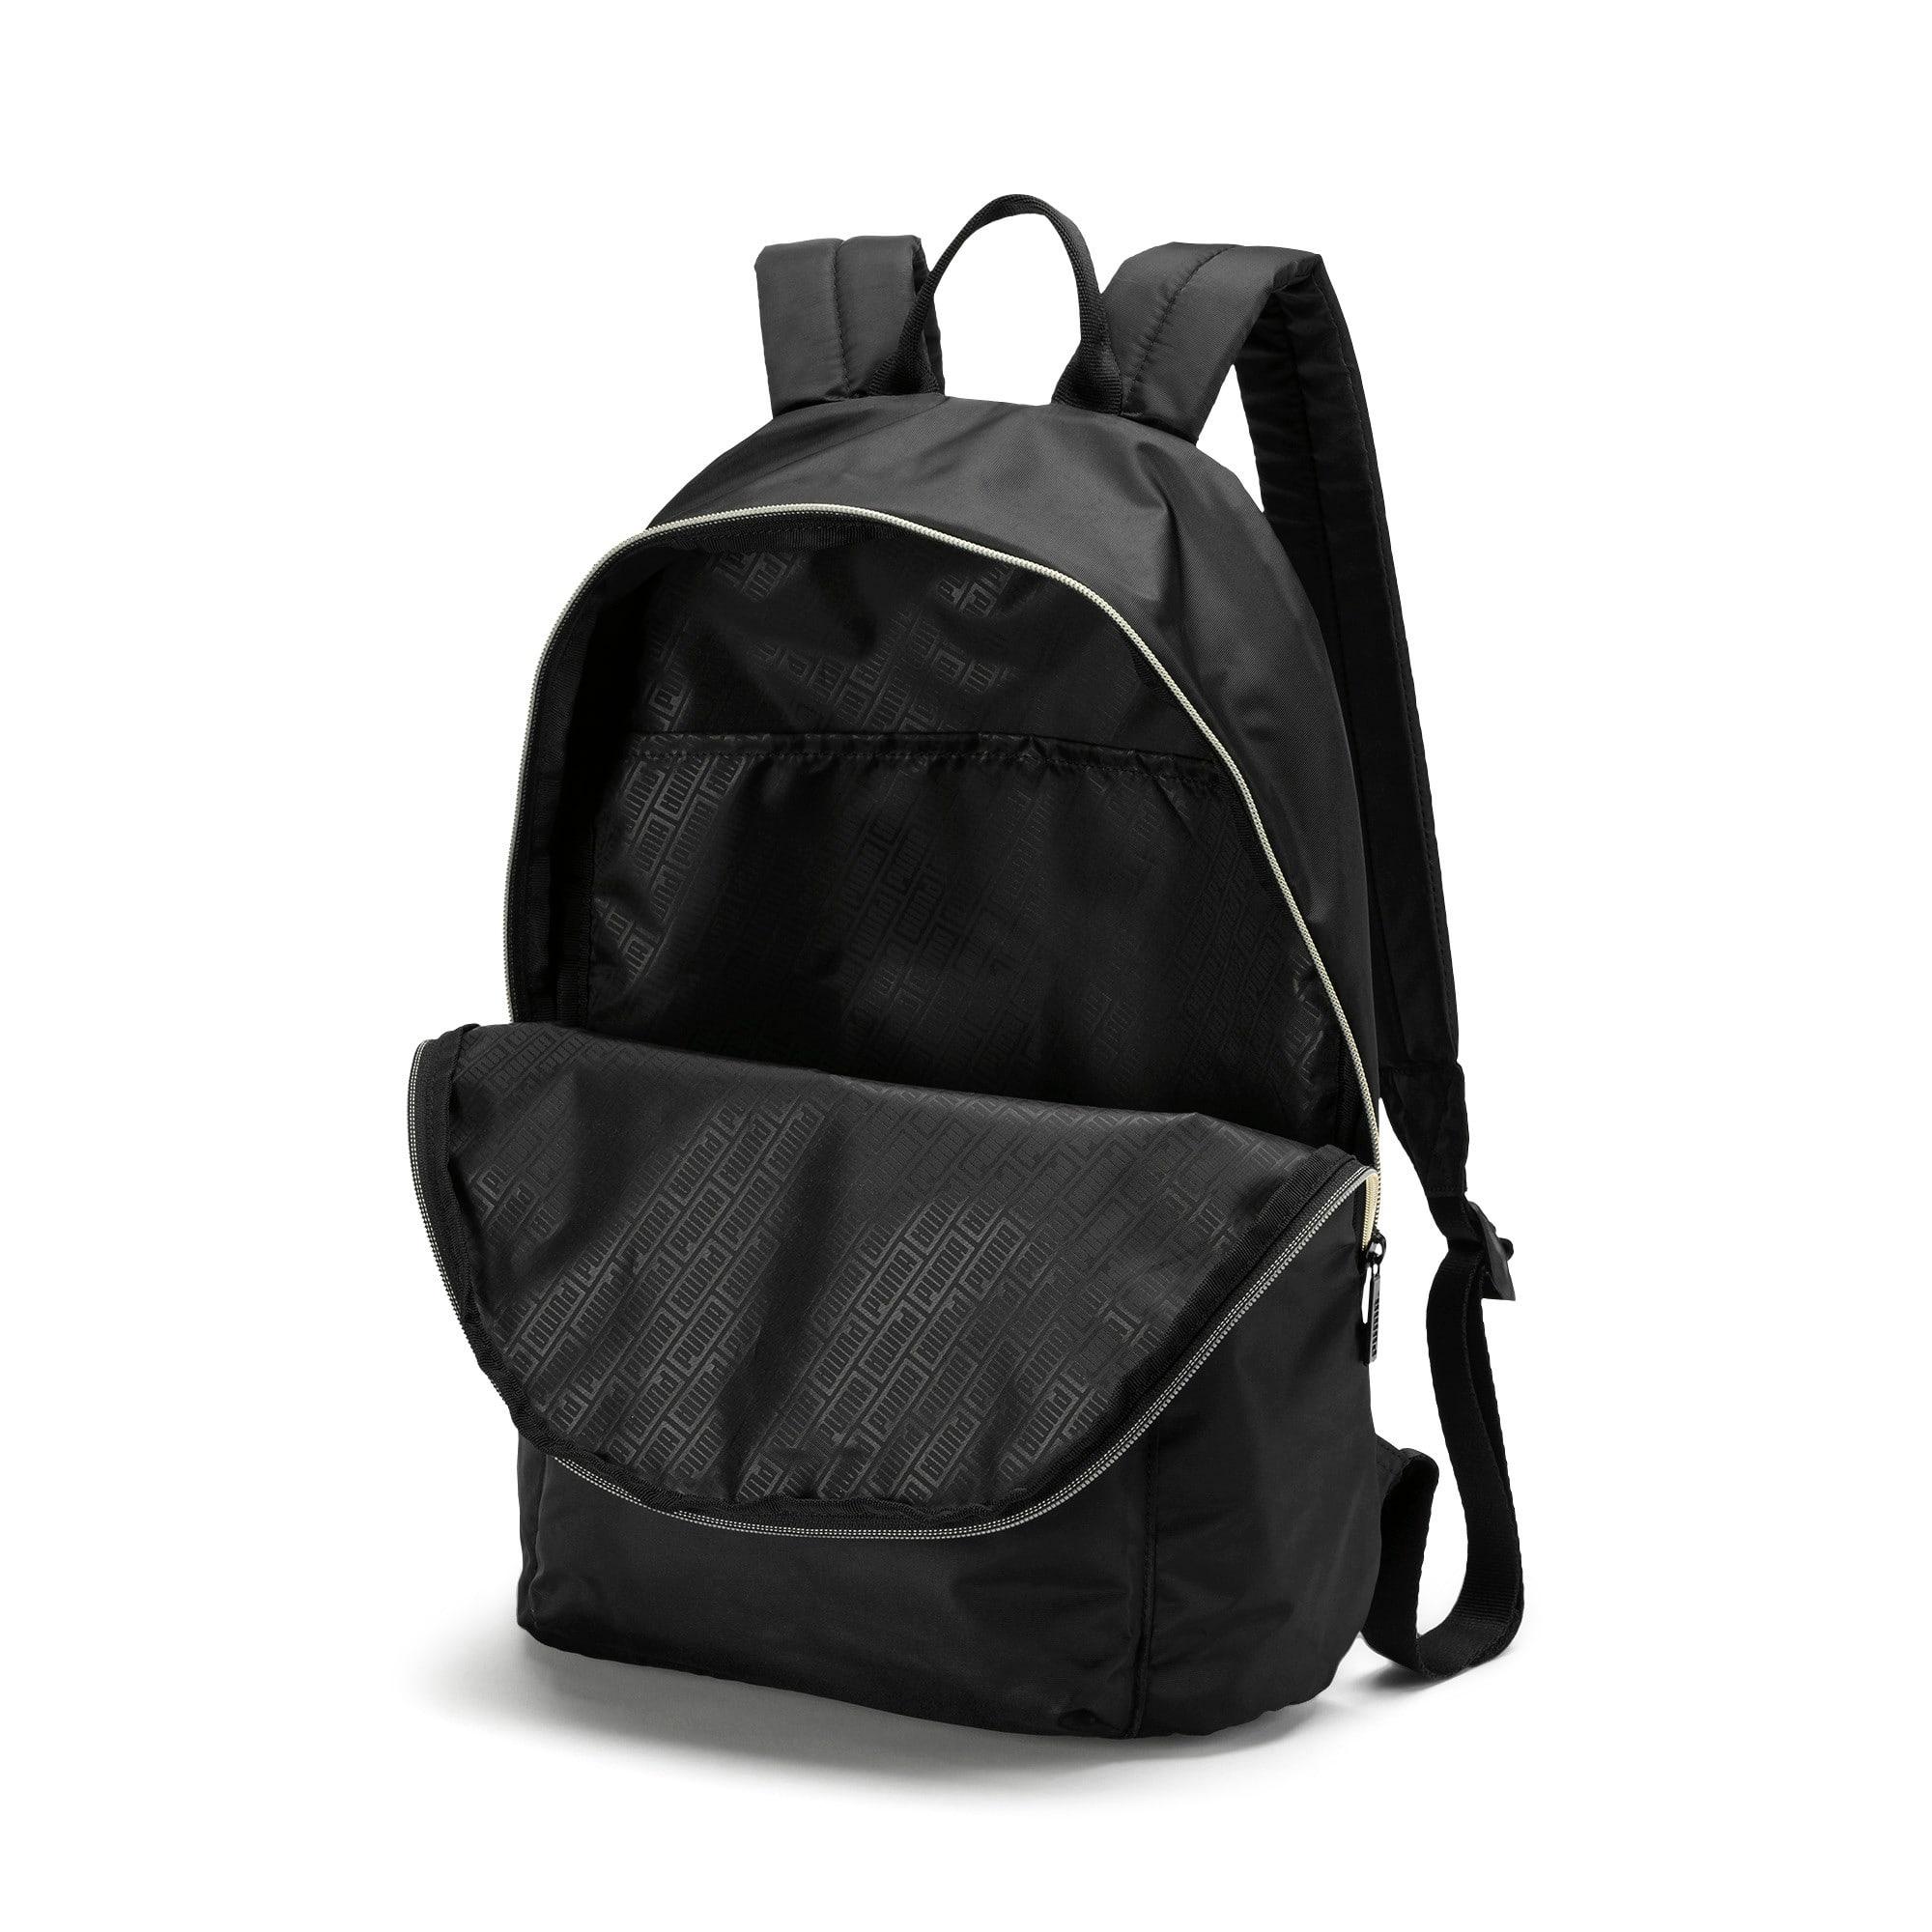 Thumbnail 4 of Core Seasonal Backpack, Puma Black-Gold, medium